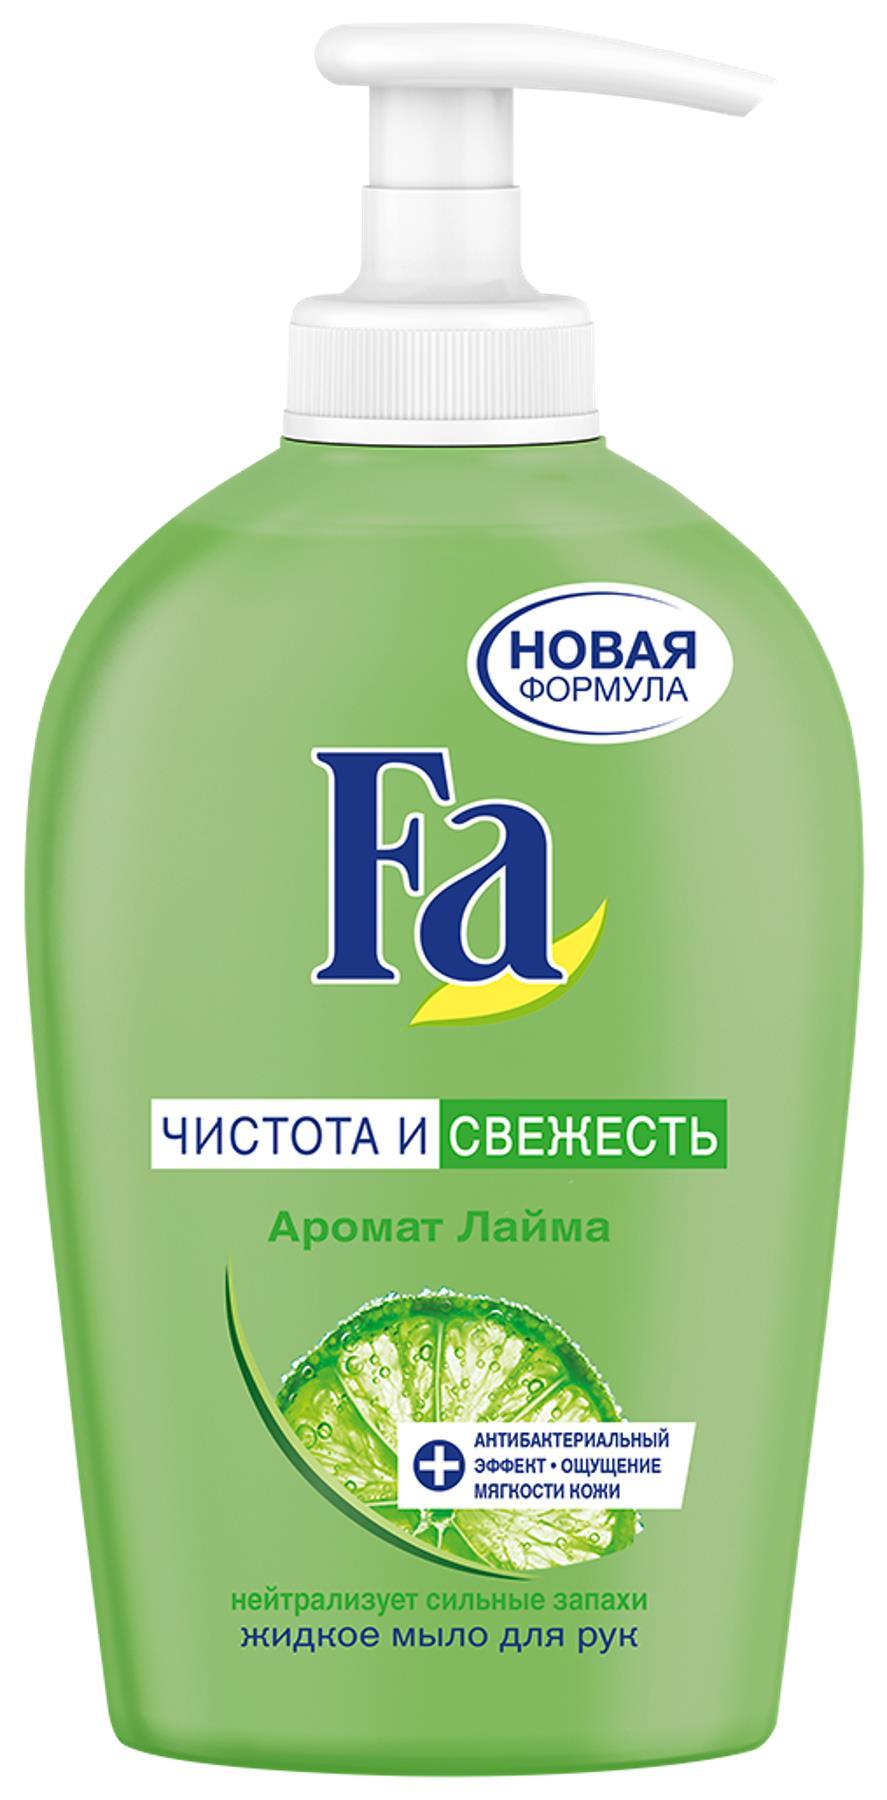 Fa Жидкое мыло Чистота и Свежесть Лайм, 250 мл косметика для мамы fa жидкое мыло чистота и свежесть лайм 250 мл